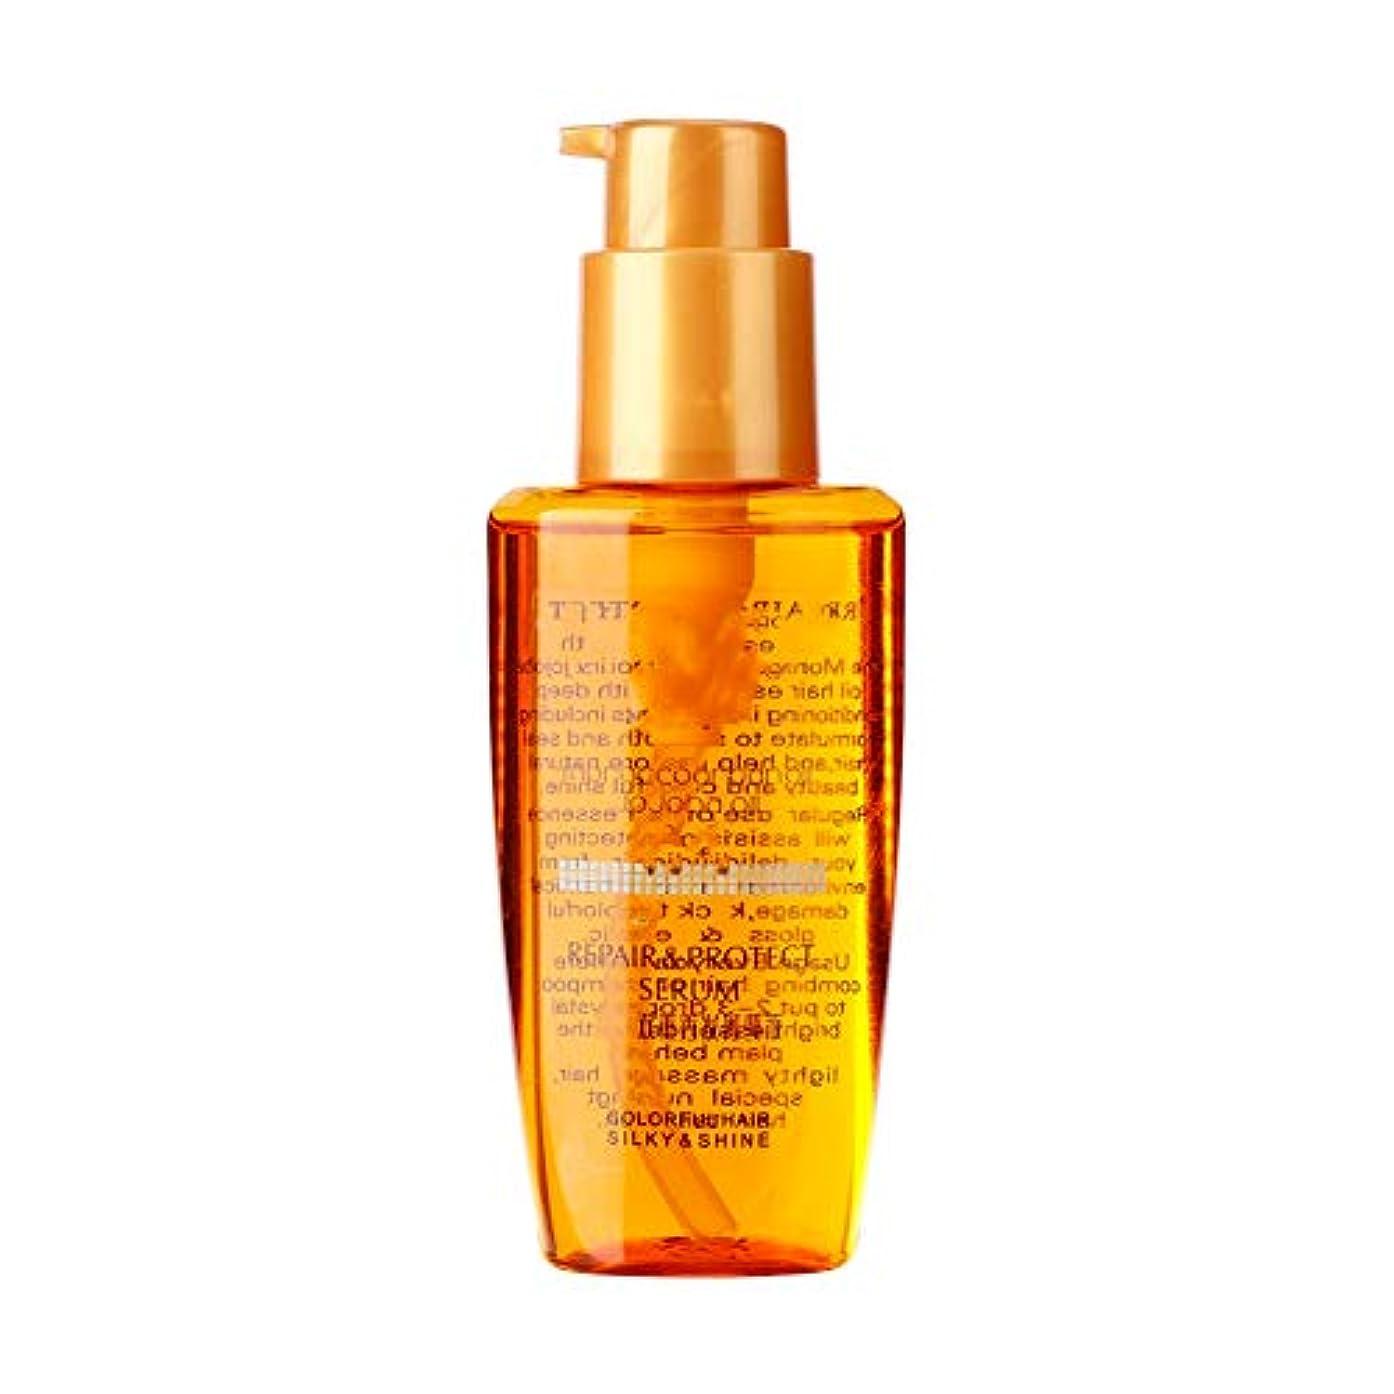 染料免疫承認オーガニック育毛オイル、洗顔料無料ヘアケアエッセンシャルオイルダメージヘアリペアモイスチャライジングヘアプロテクト血清